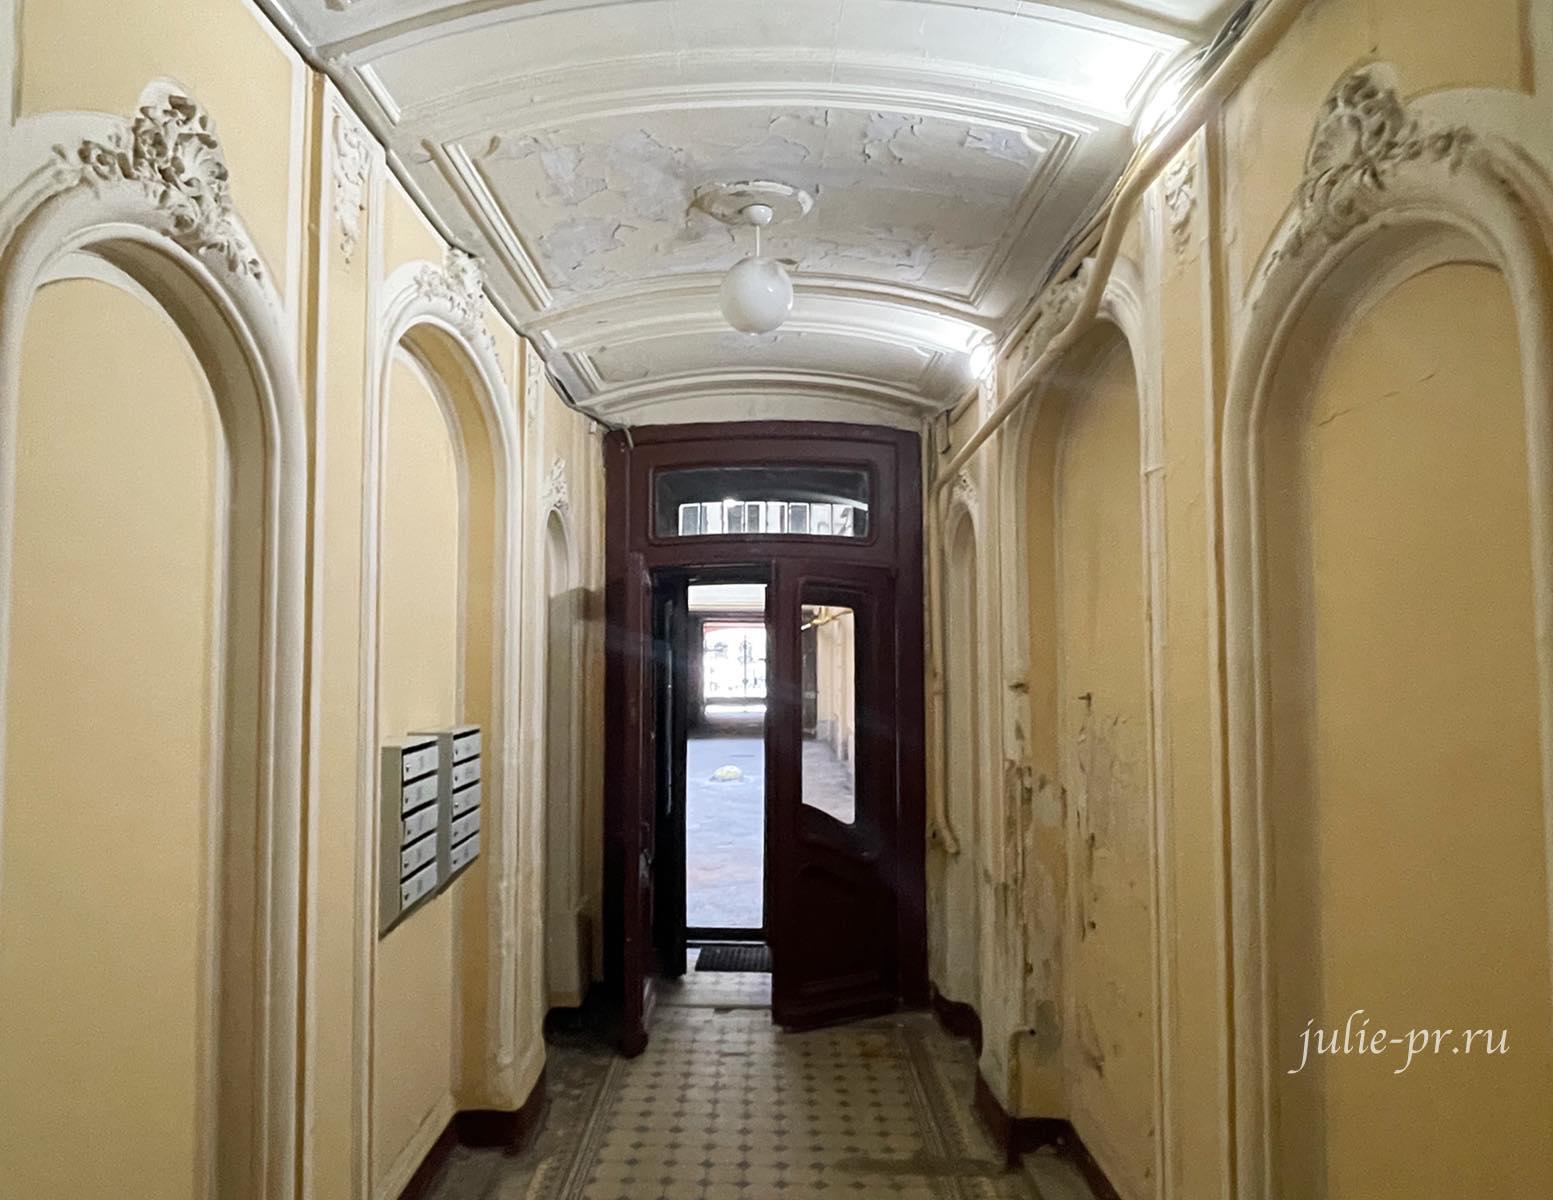 Парадная Петербурга, Доходный дом Бака, открытые парадные Питер, дворы